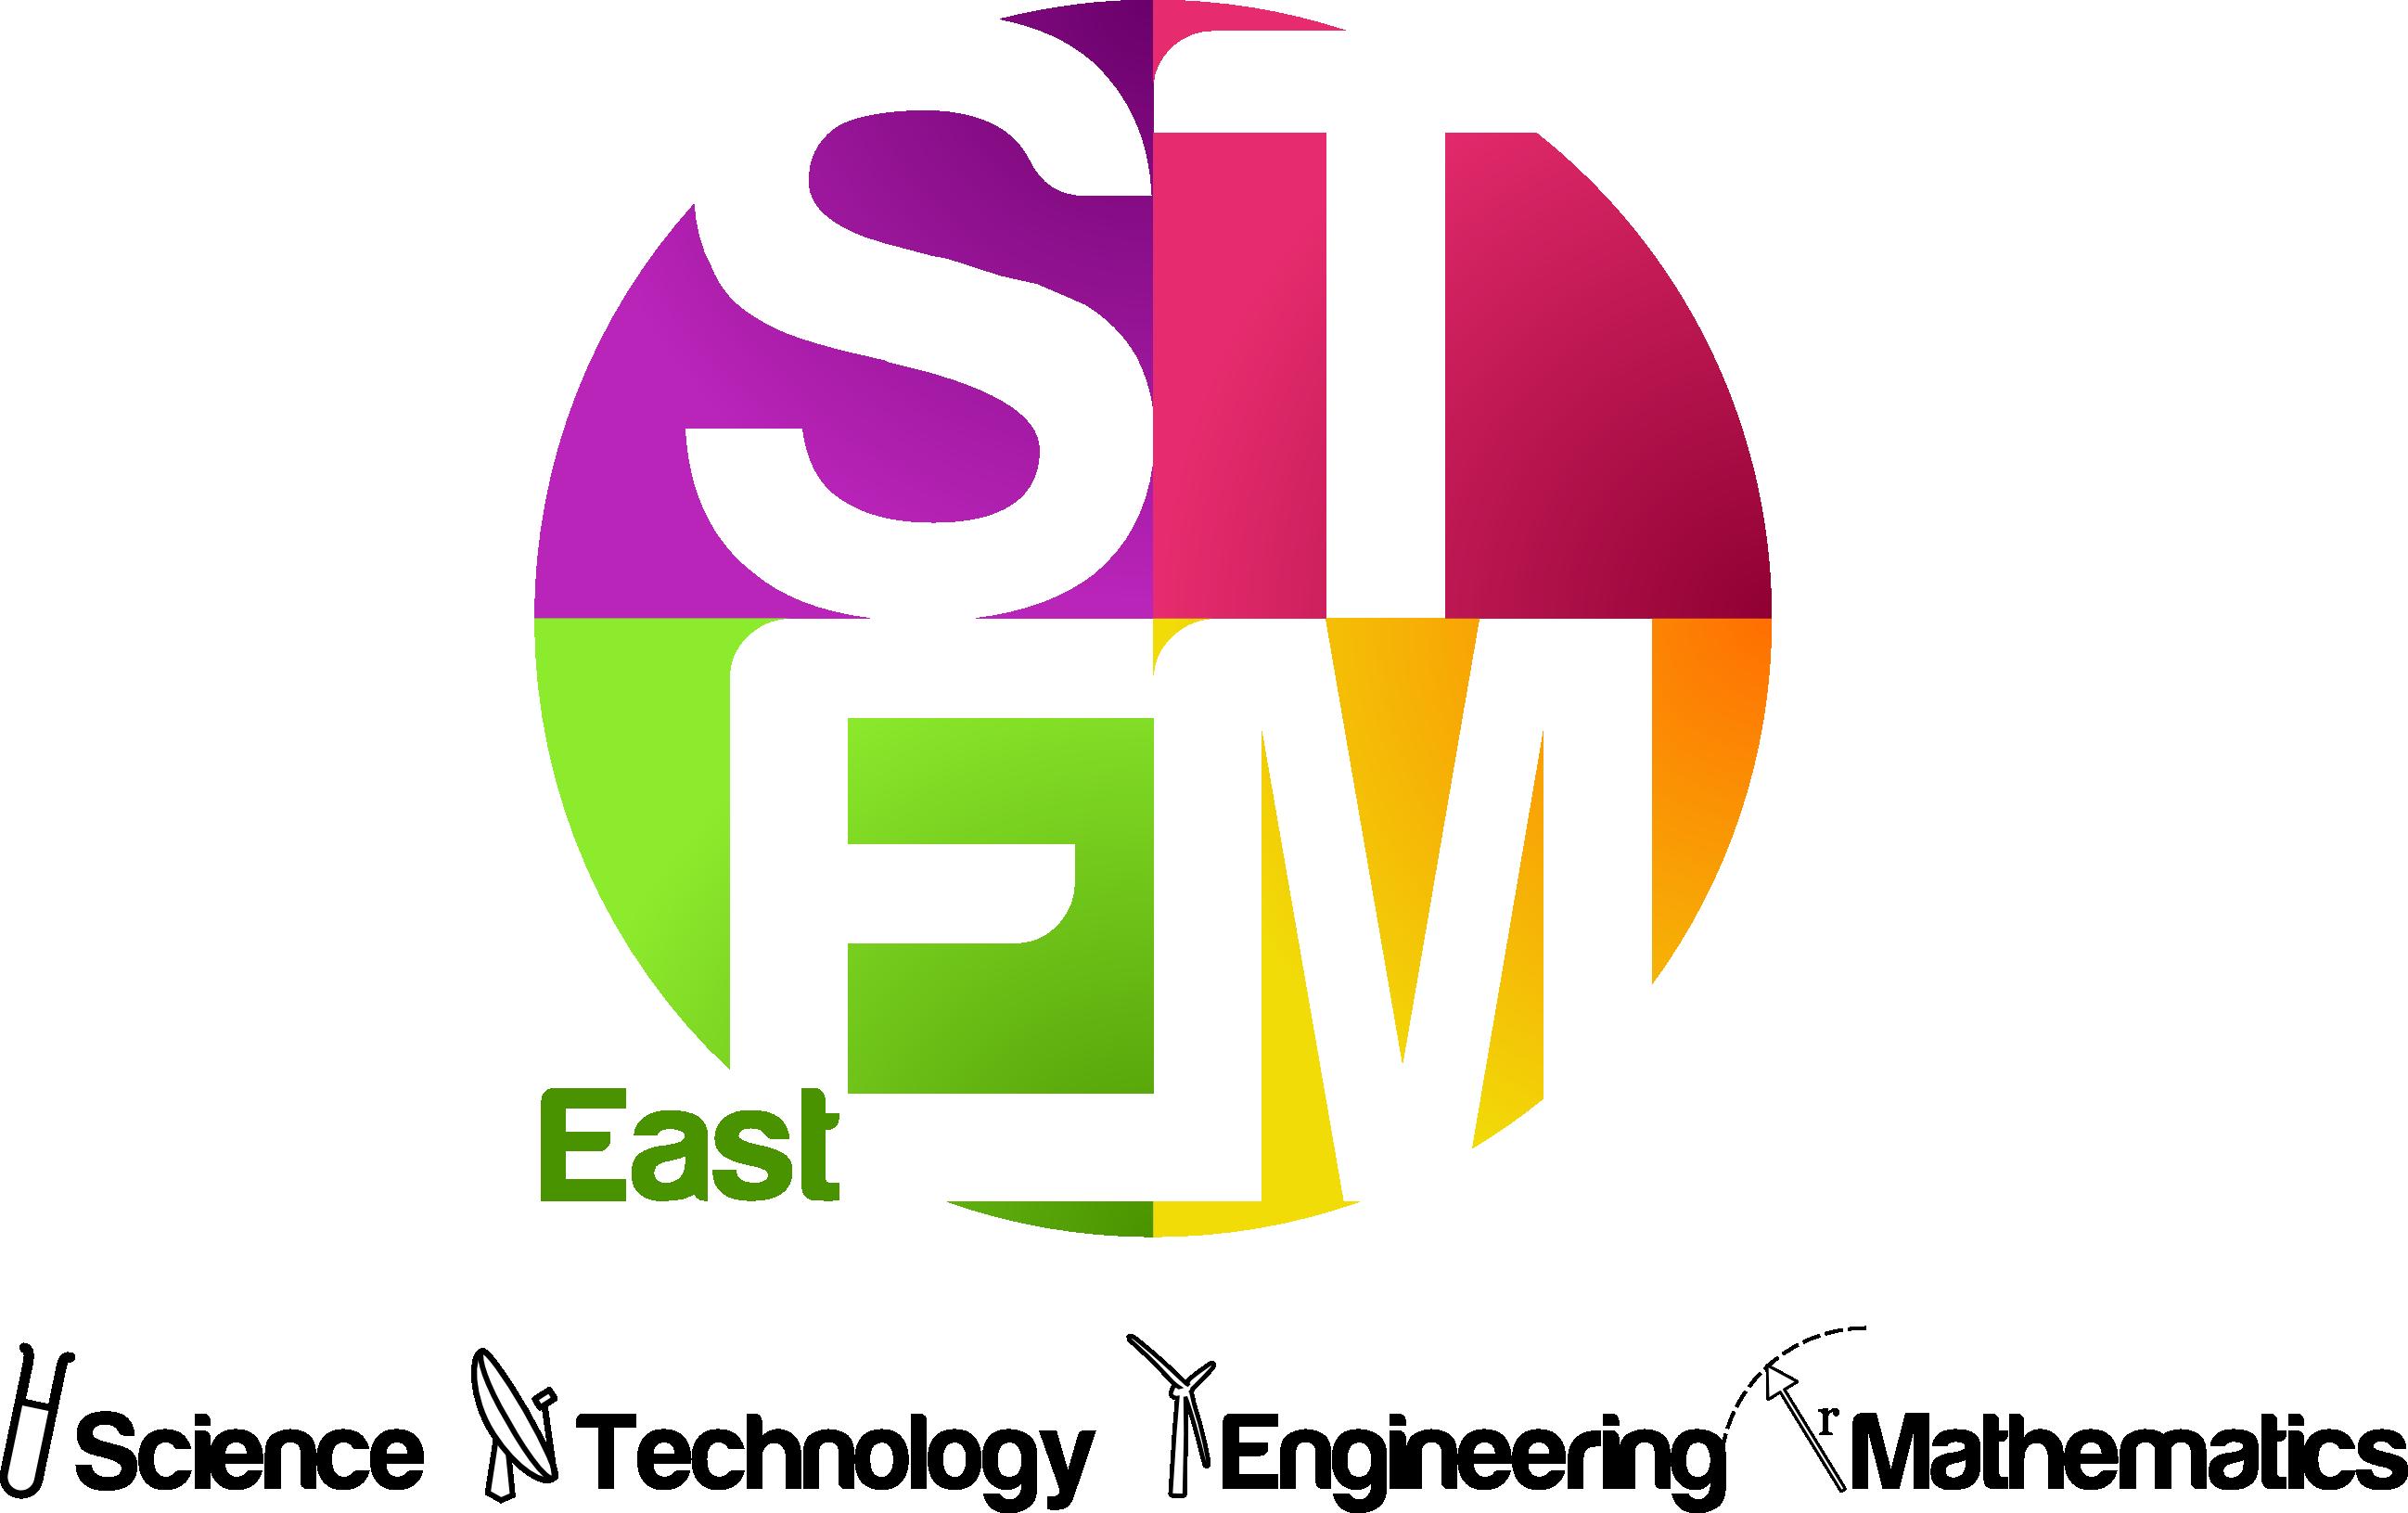 STEM EAST